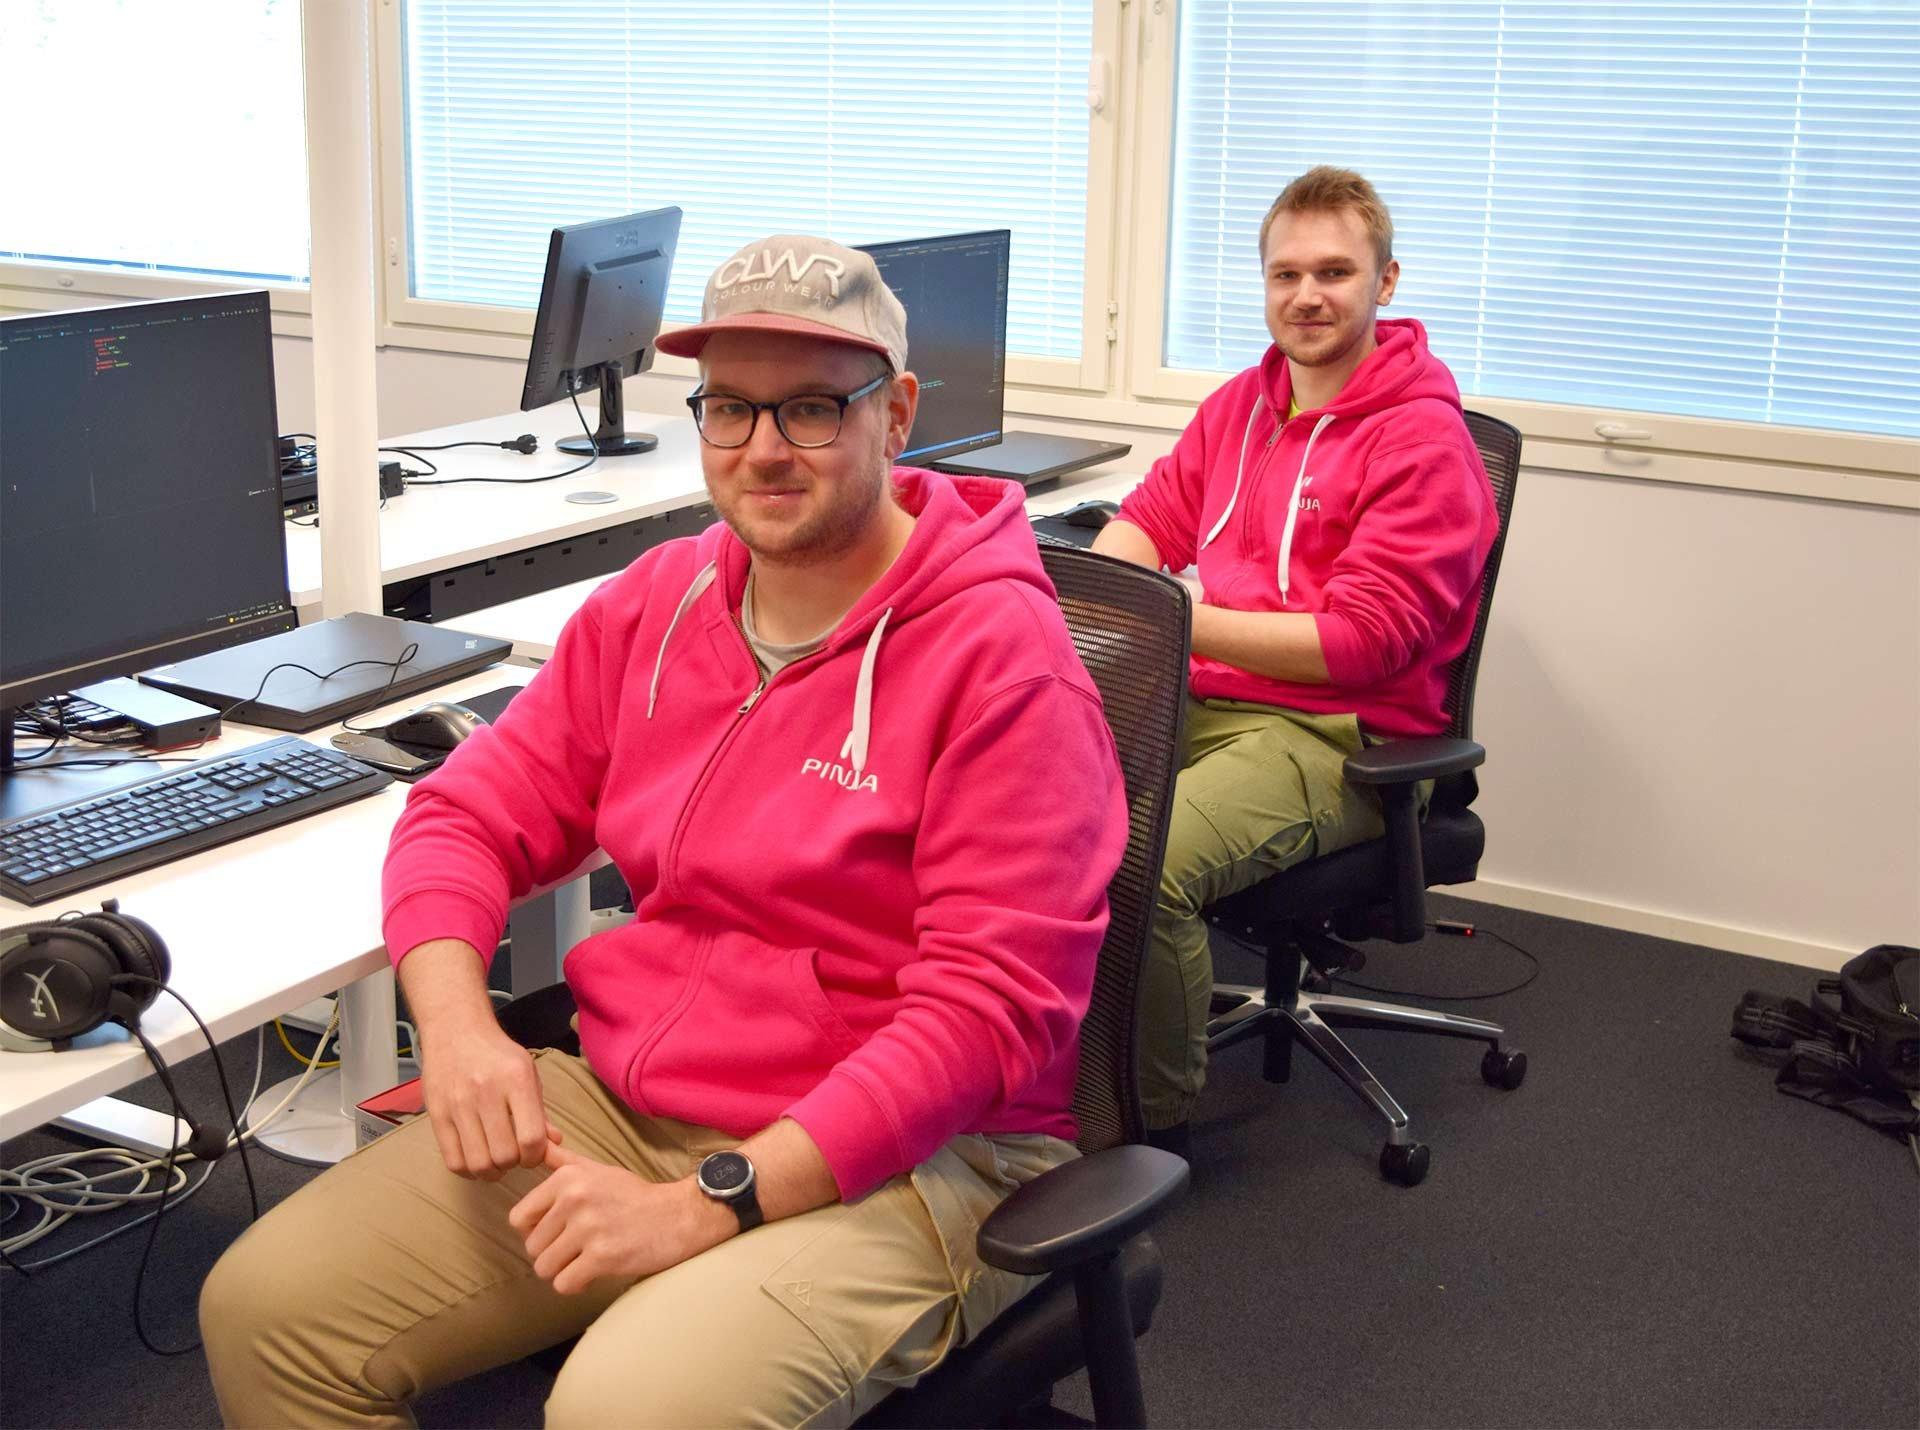 Miehet istuvat työpöytien ääressä